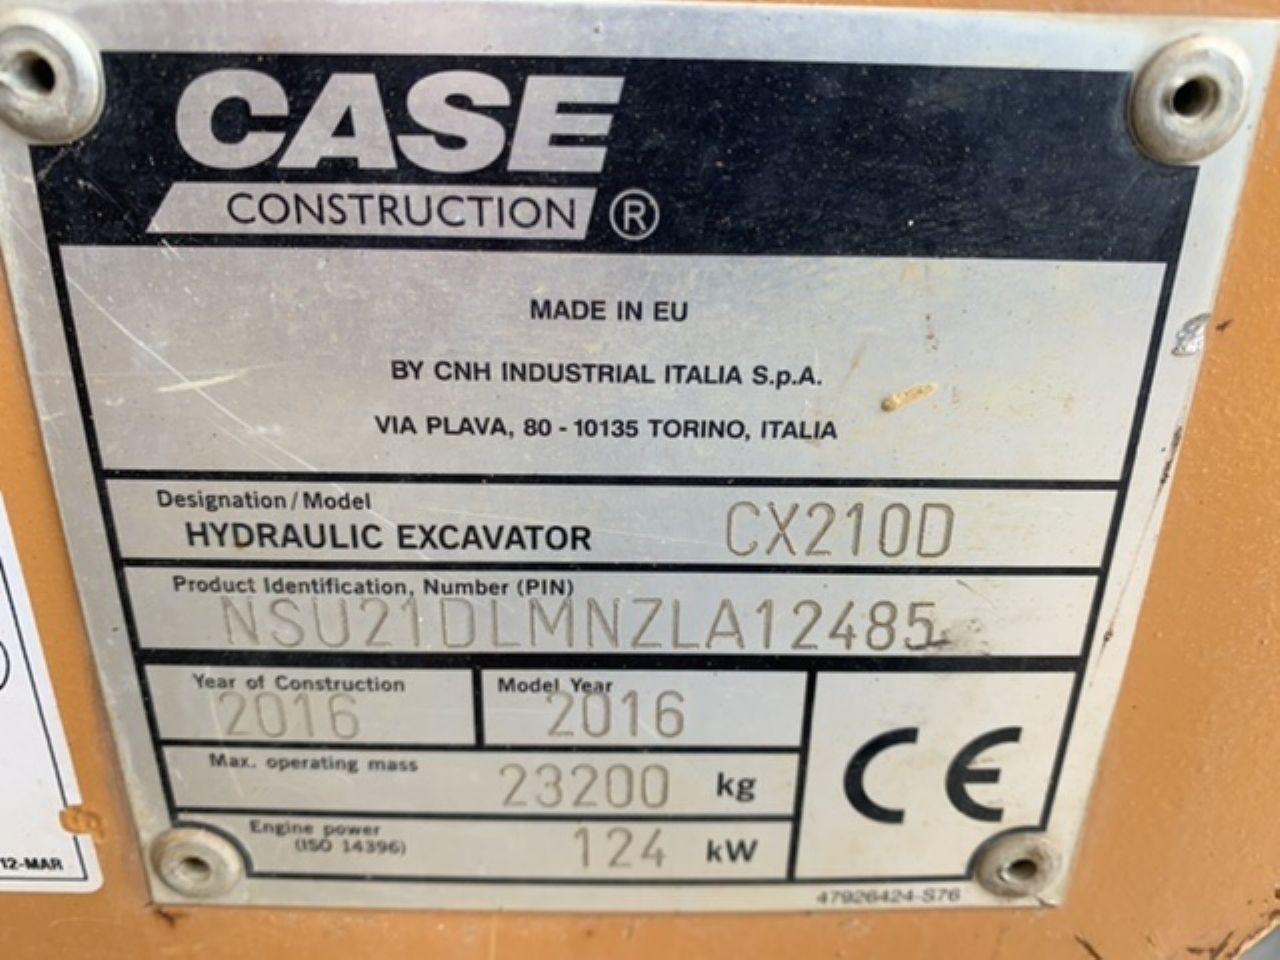 CASE CX210D EXCAVATOR  - Picture 10